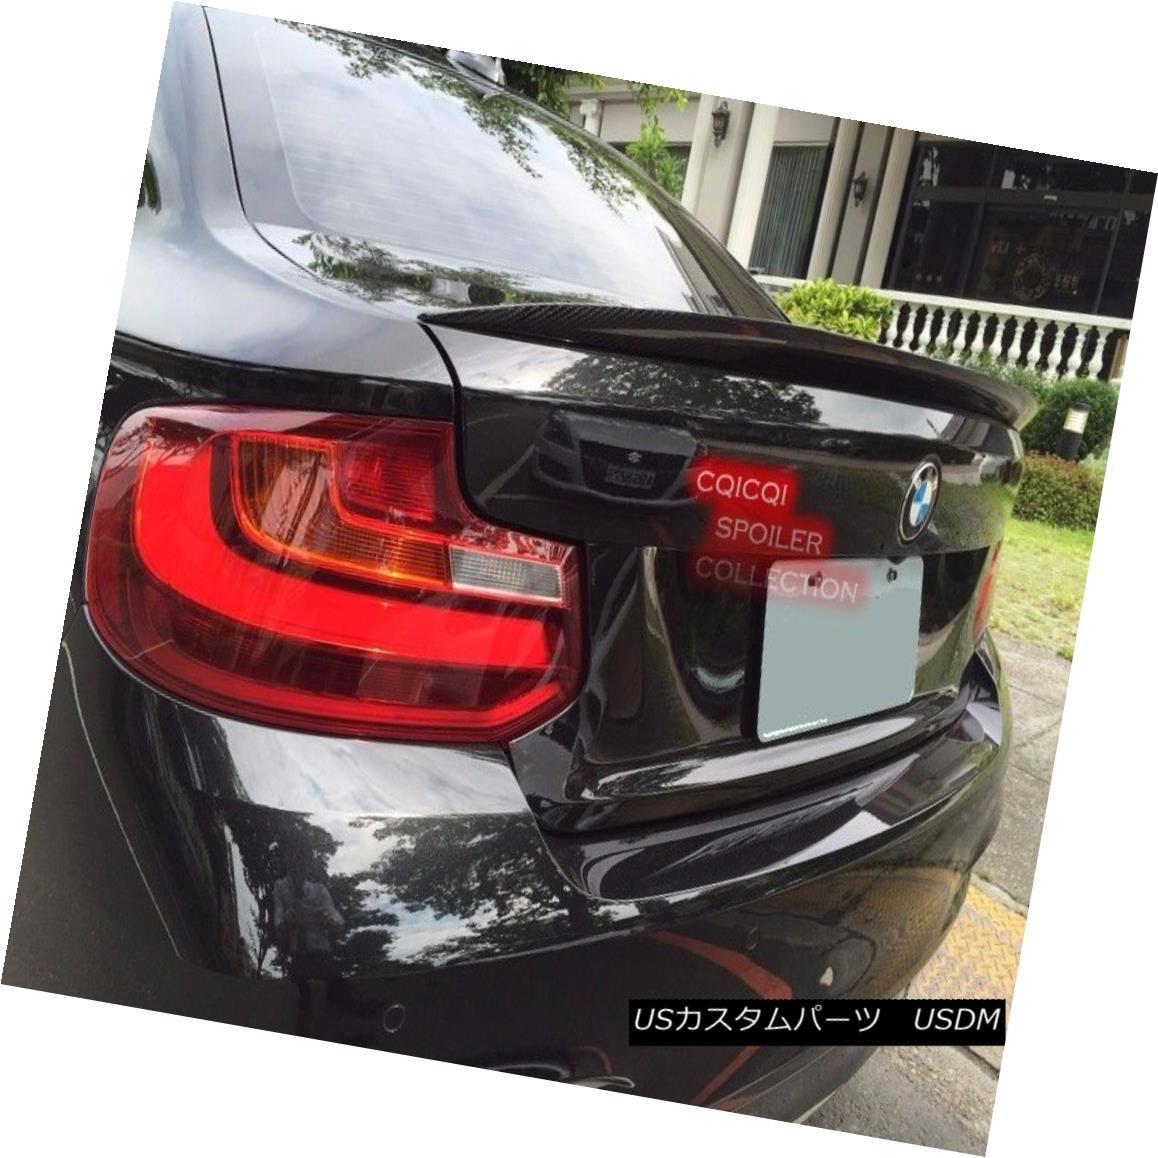 エアロパーツ Painted BMW 14~17 F22 2-series coupe performance type trunk spoiler 668 black ◎ ペイントされたBMW 14?17 F22 2シリーズクーペパフォーマンスタイプのトランクスポイラー668ブラック?